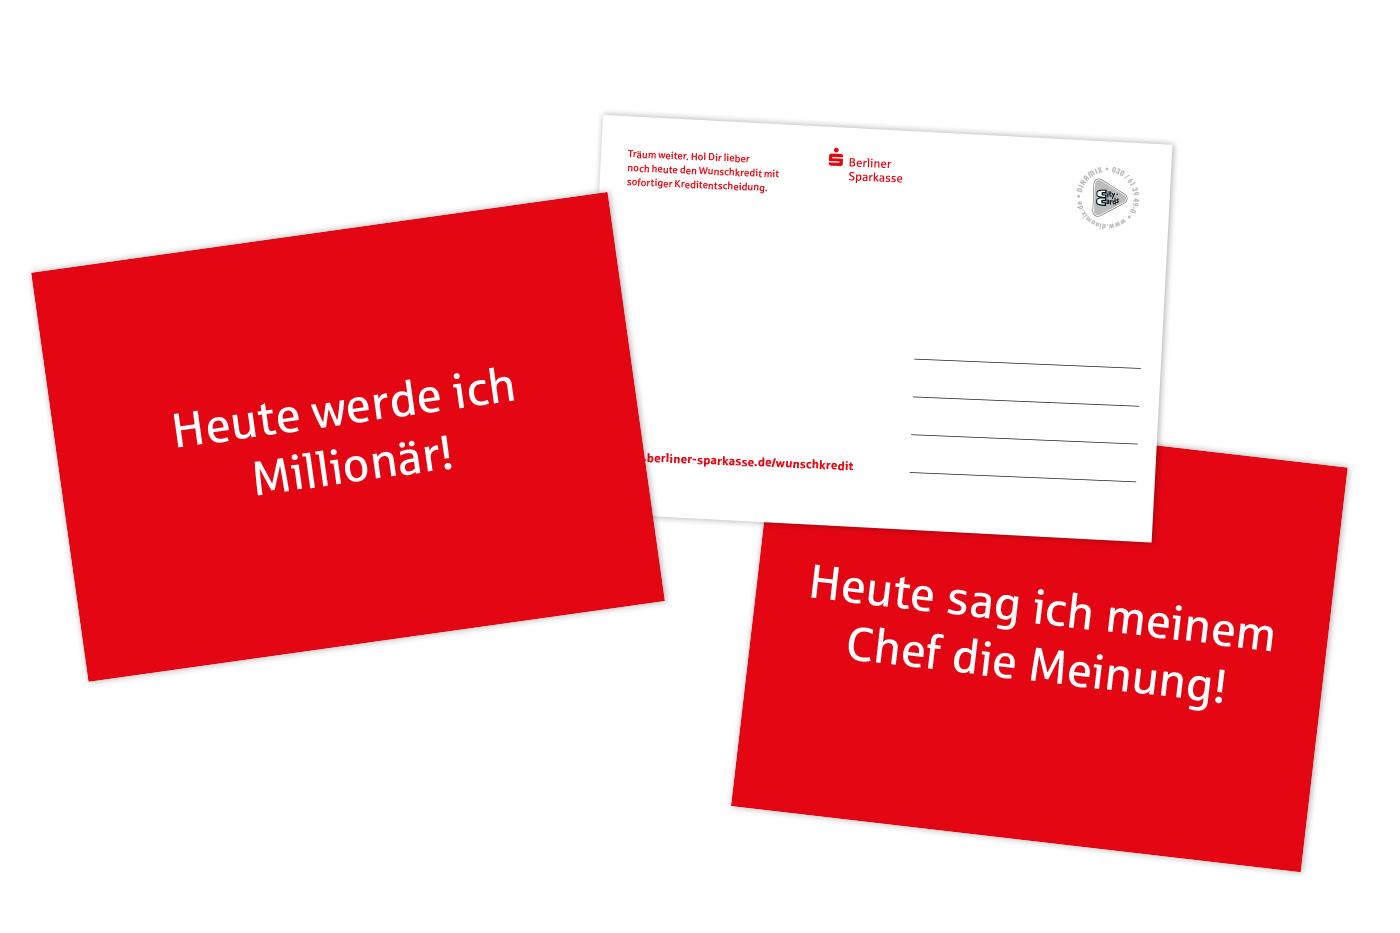 Wunschkredit_Citycards